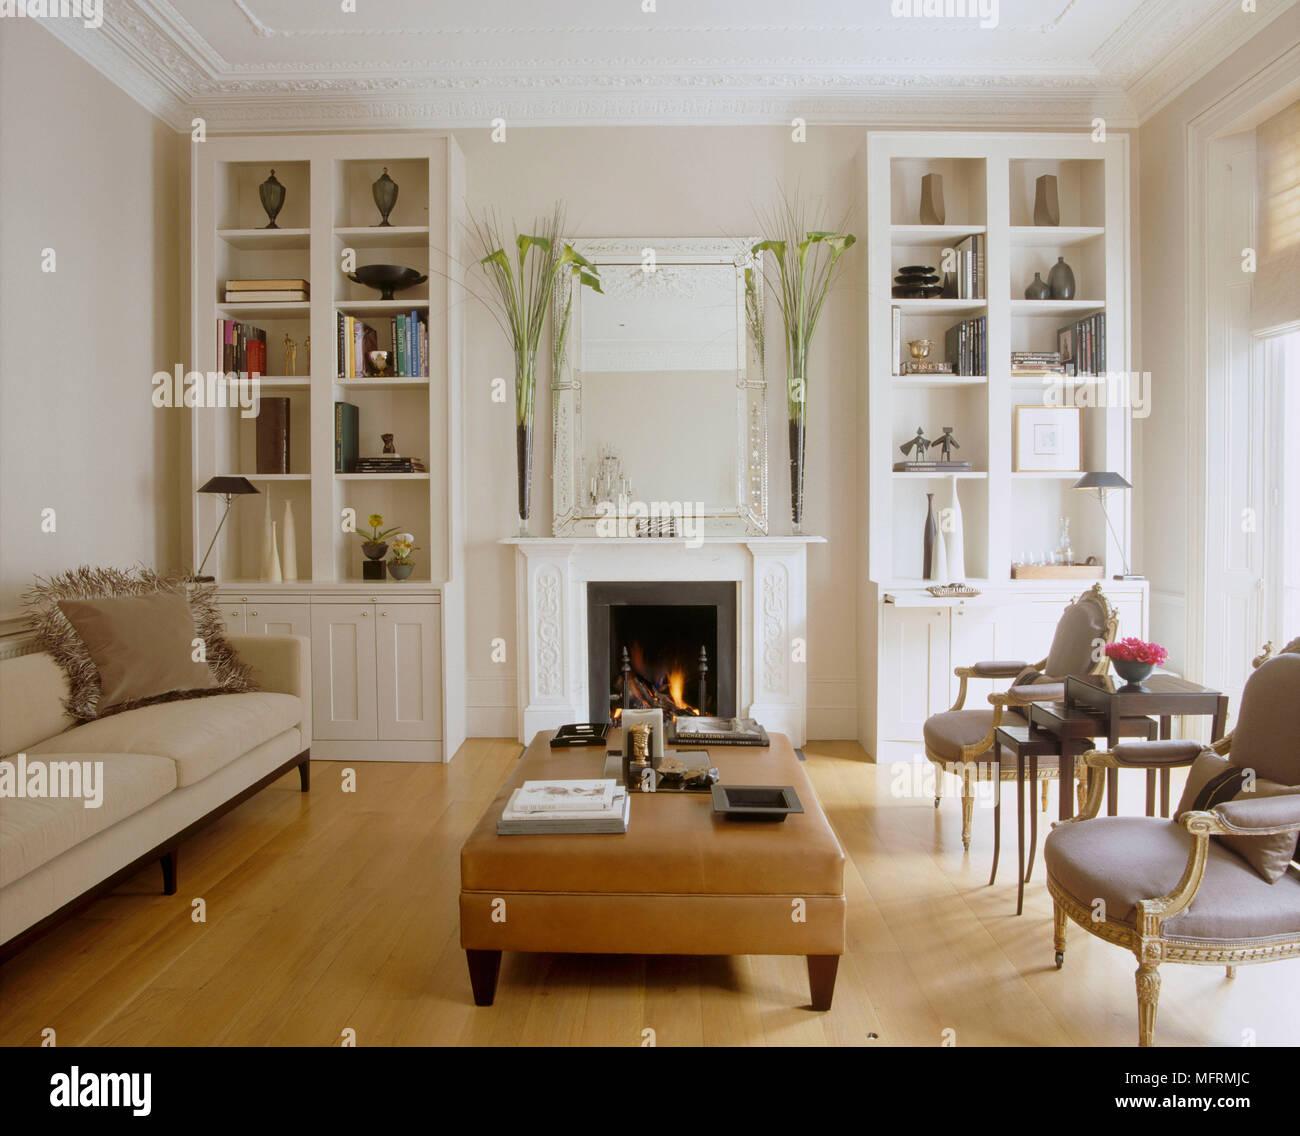 Ein Modernes Weisses Wohnzimmer Mit Kamin Und Feuer Angezundet